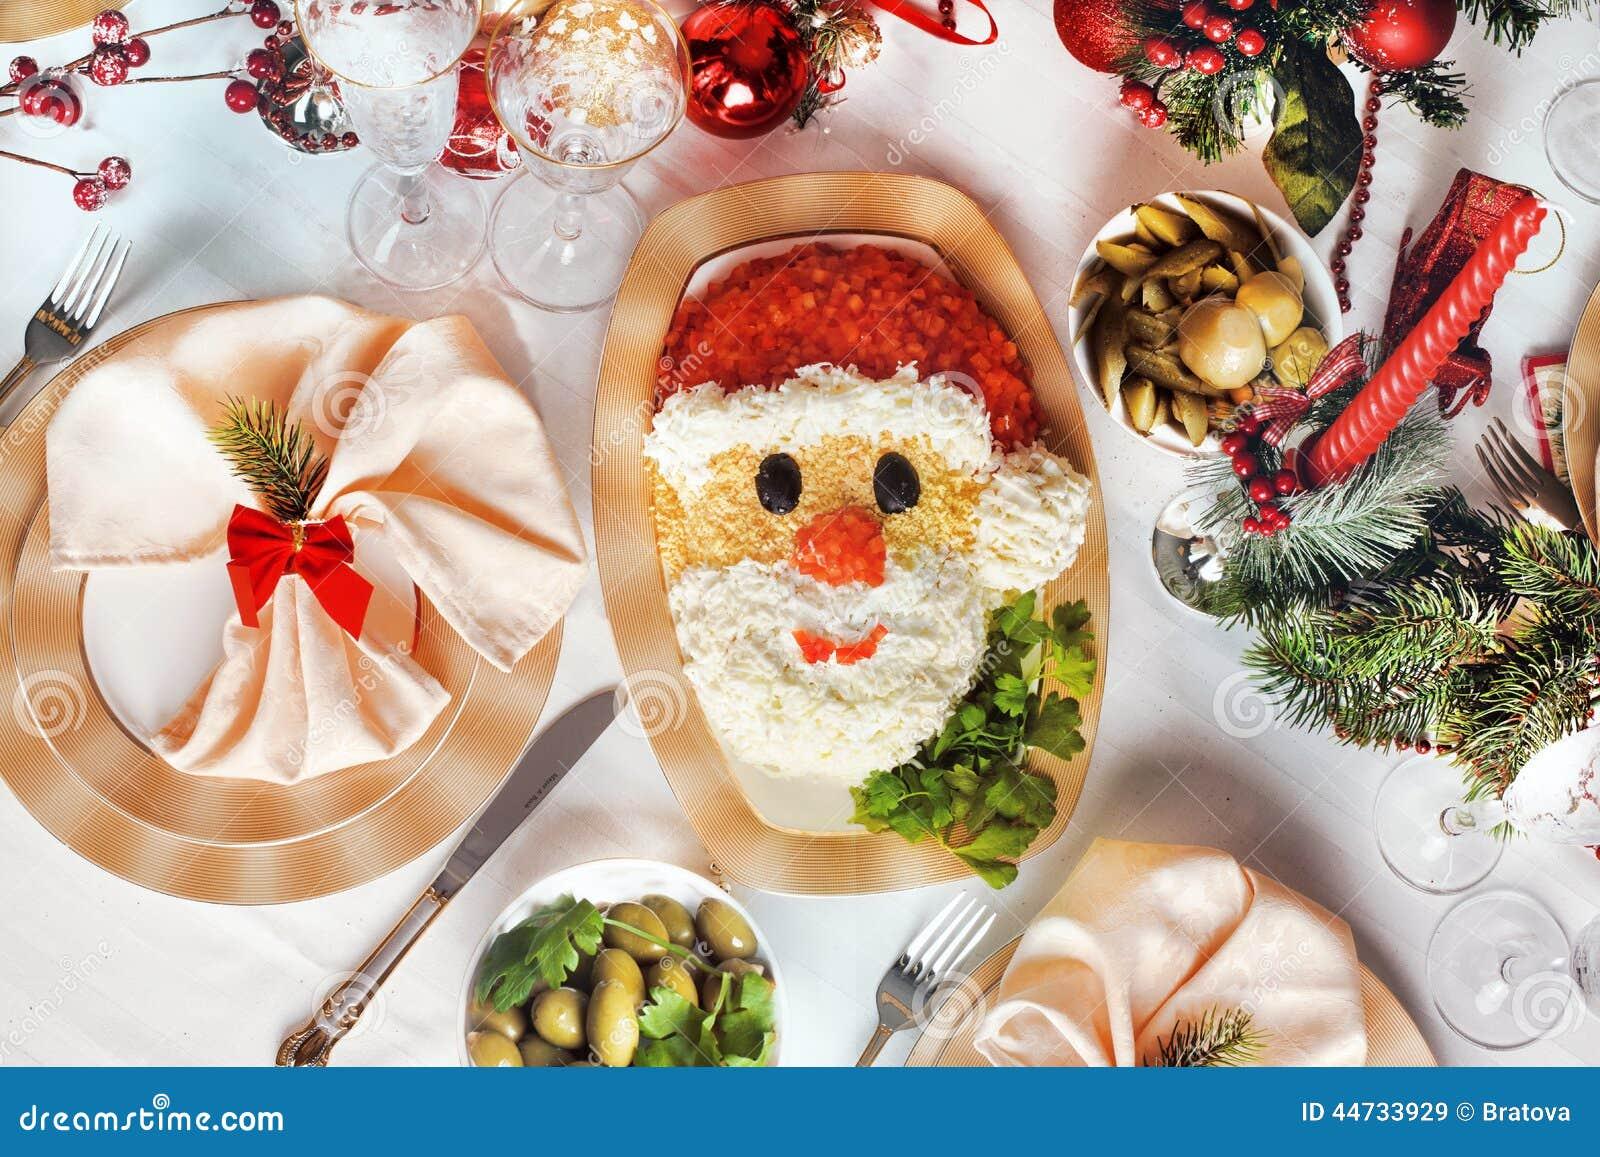 Weihnachten Santa Claus Stellen Salat Gegenüber Stockbild - Bild von ...